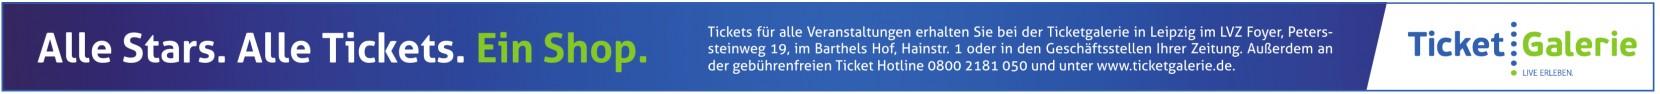 Ticketgalerie in Leipzig